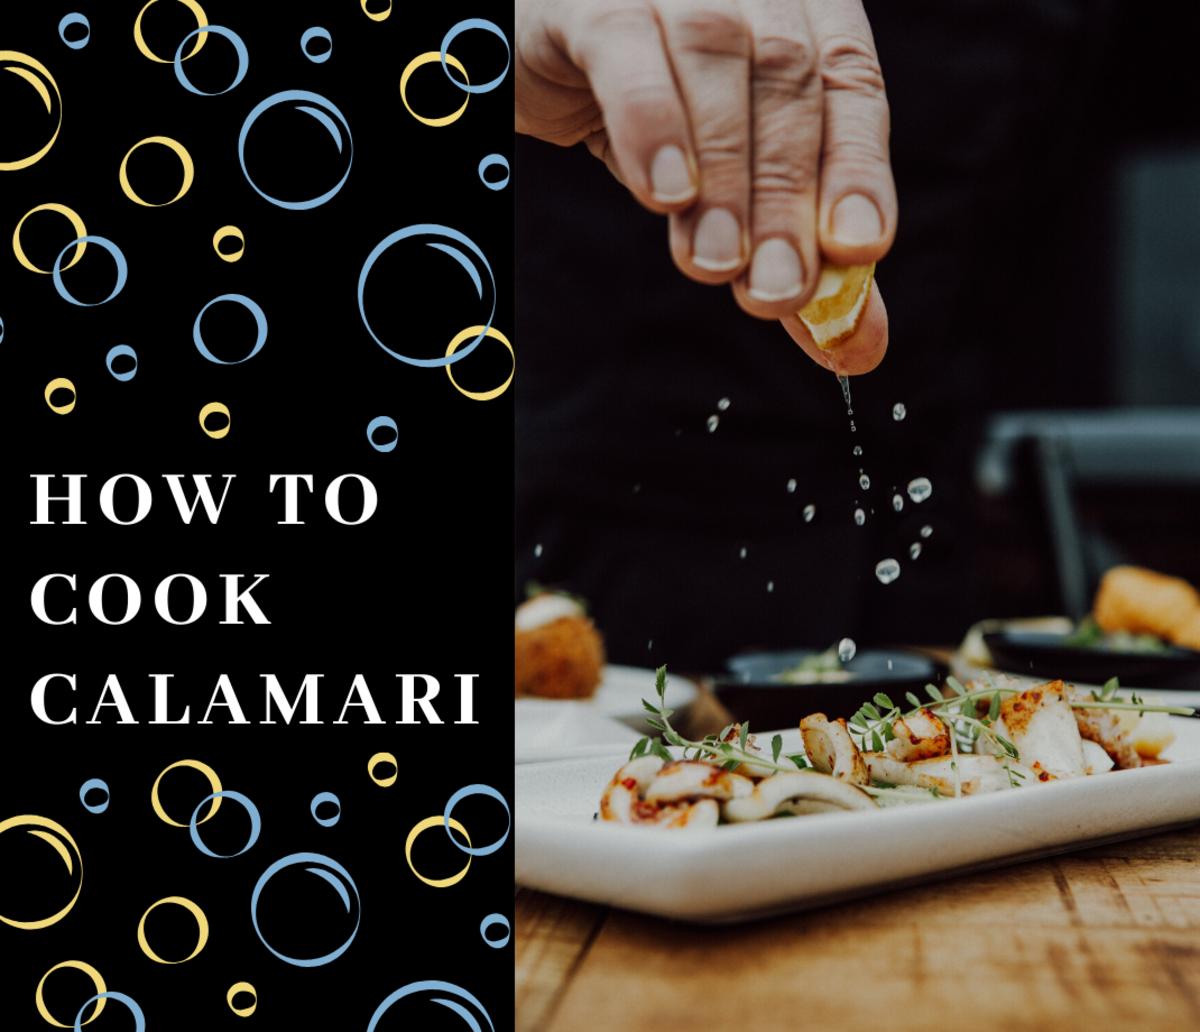 How to Cook Calamari (Squid), With Recipes